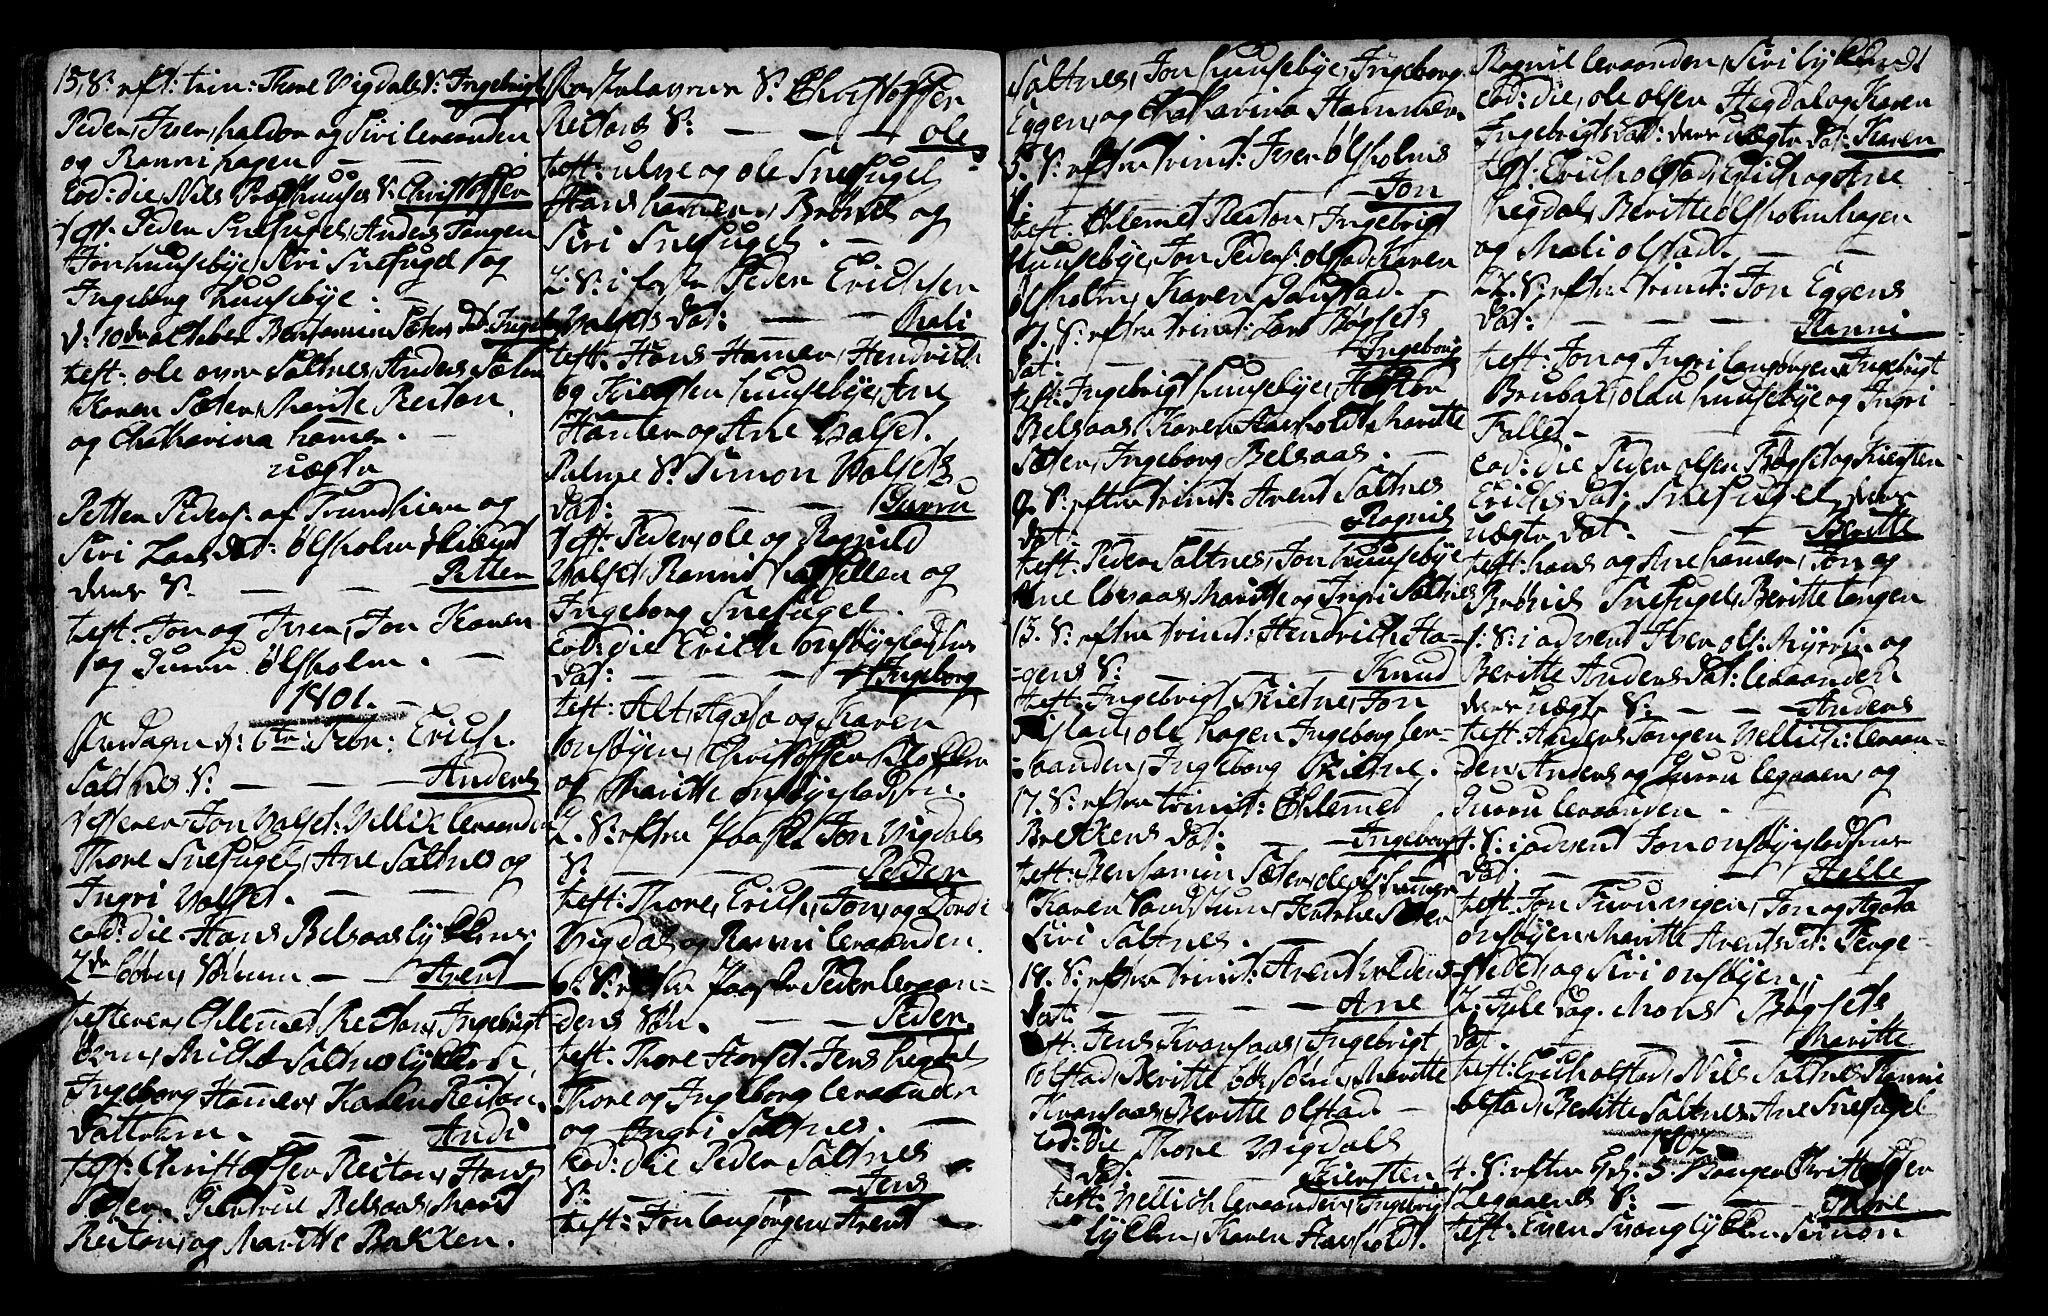 SAT, Ministerialprotokoller, klokkerbøker og fødselsregistre - Sør-Trøndelag, 666/L0784: Ministerialbok nr. 666A02, 1754-1802, s. 91